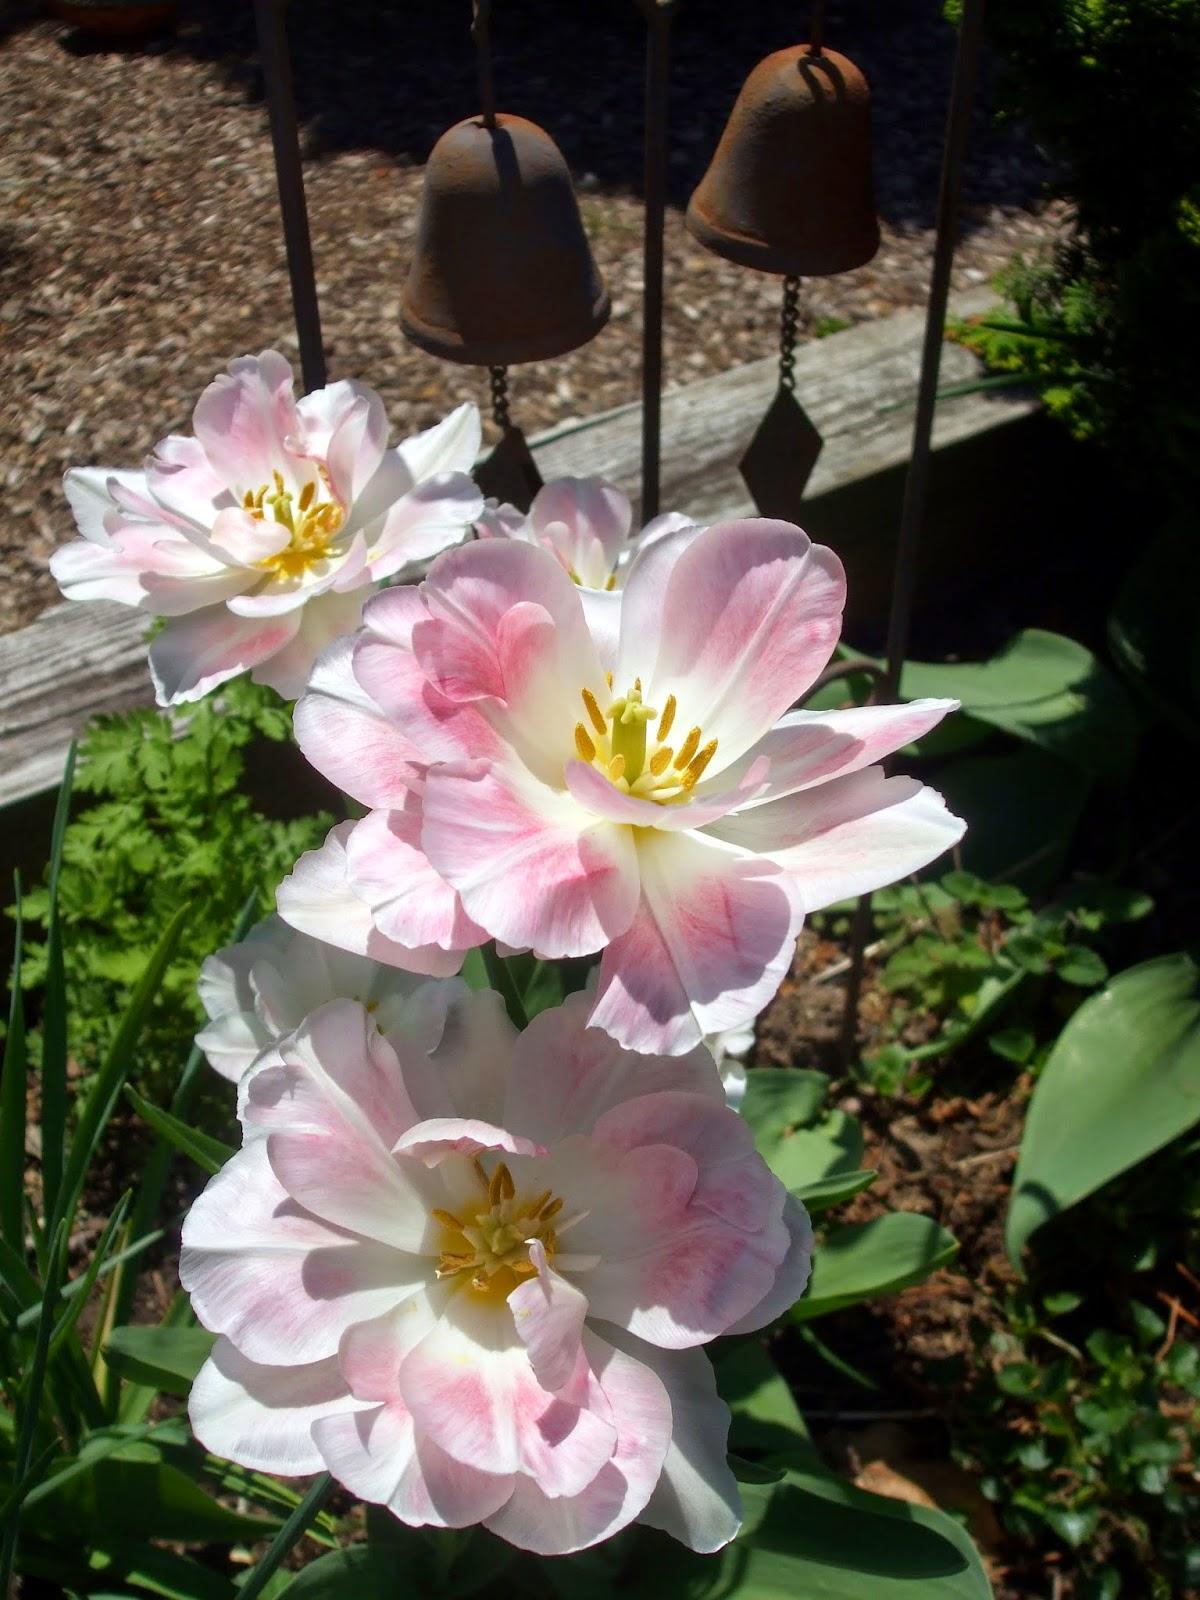 Rosemarys sampler in the garden spring edible flowers in the garden spring edible flowers mightylinksfo